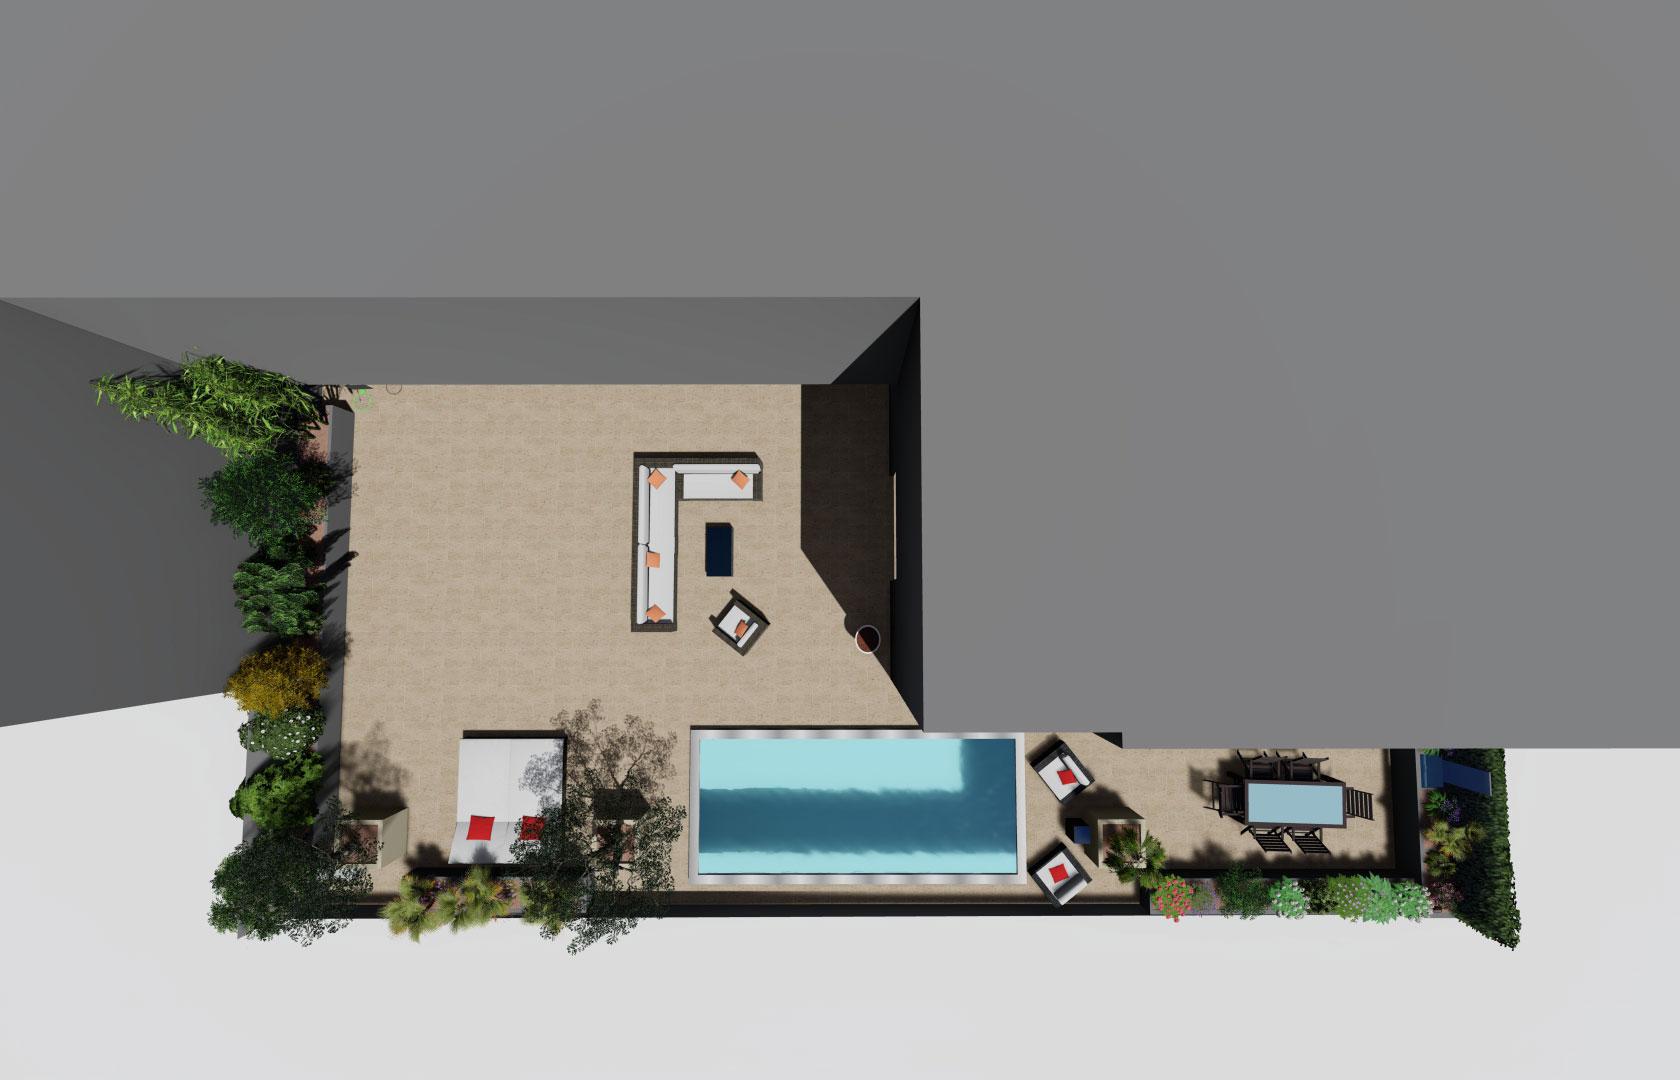 Entreprise du paysage, Serrault Jardins réalise des plan en 3D pour vous permettre de mieux vous projetter.